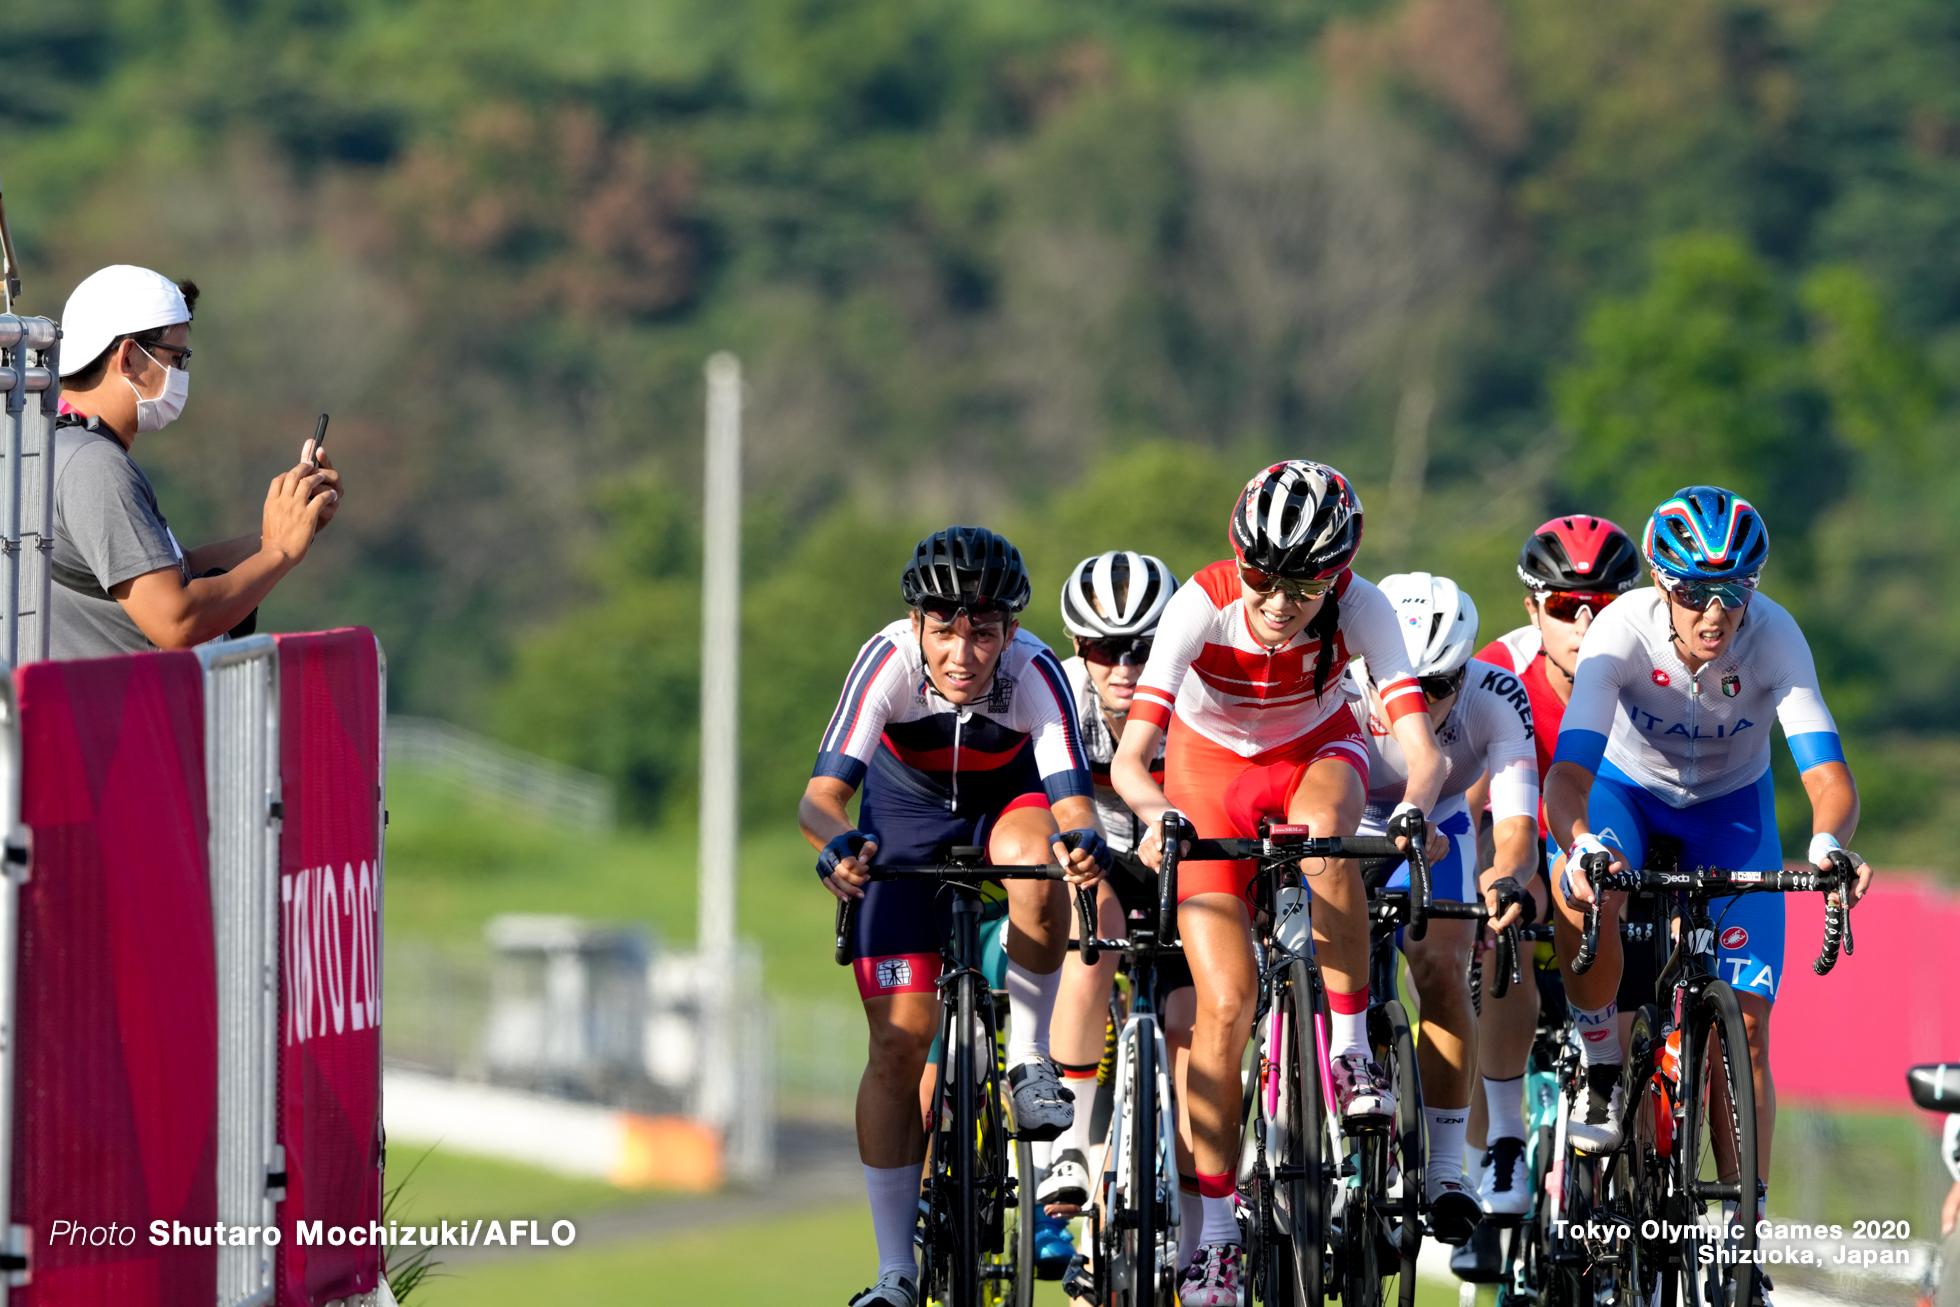 金子広美/Hiromi Kaneko (JPN), JULY 25, 2021 - Cycling : Women's Road Race during the Tokyo 2020 Olympic Games at the Fuji International Speedway in Shizuoka, Japan. (Photo by Shutaro Mochizuki/AFLO)